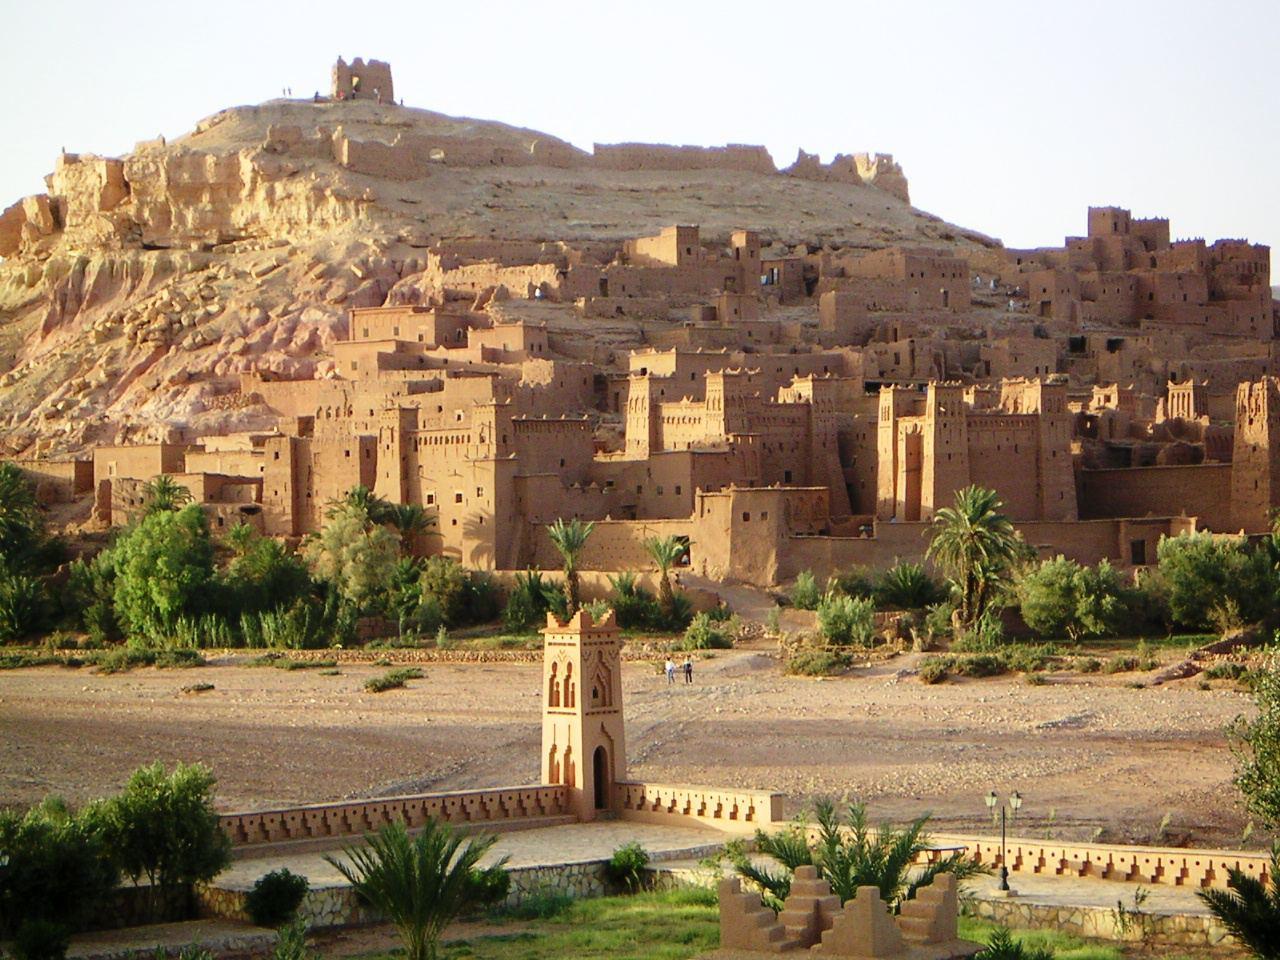 ait-benhaddou | Egypt travel, Day trips, Trip